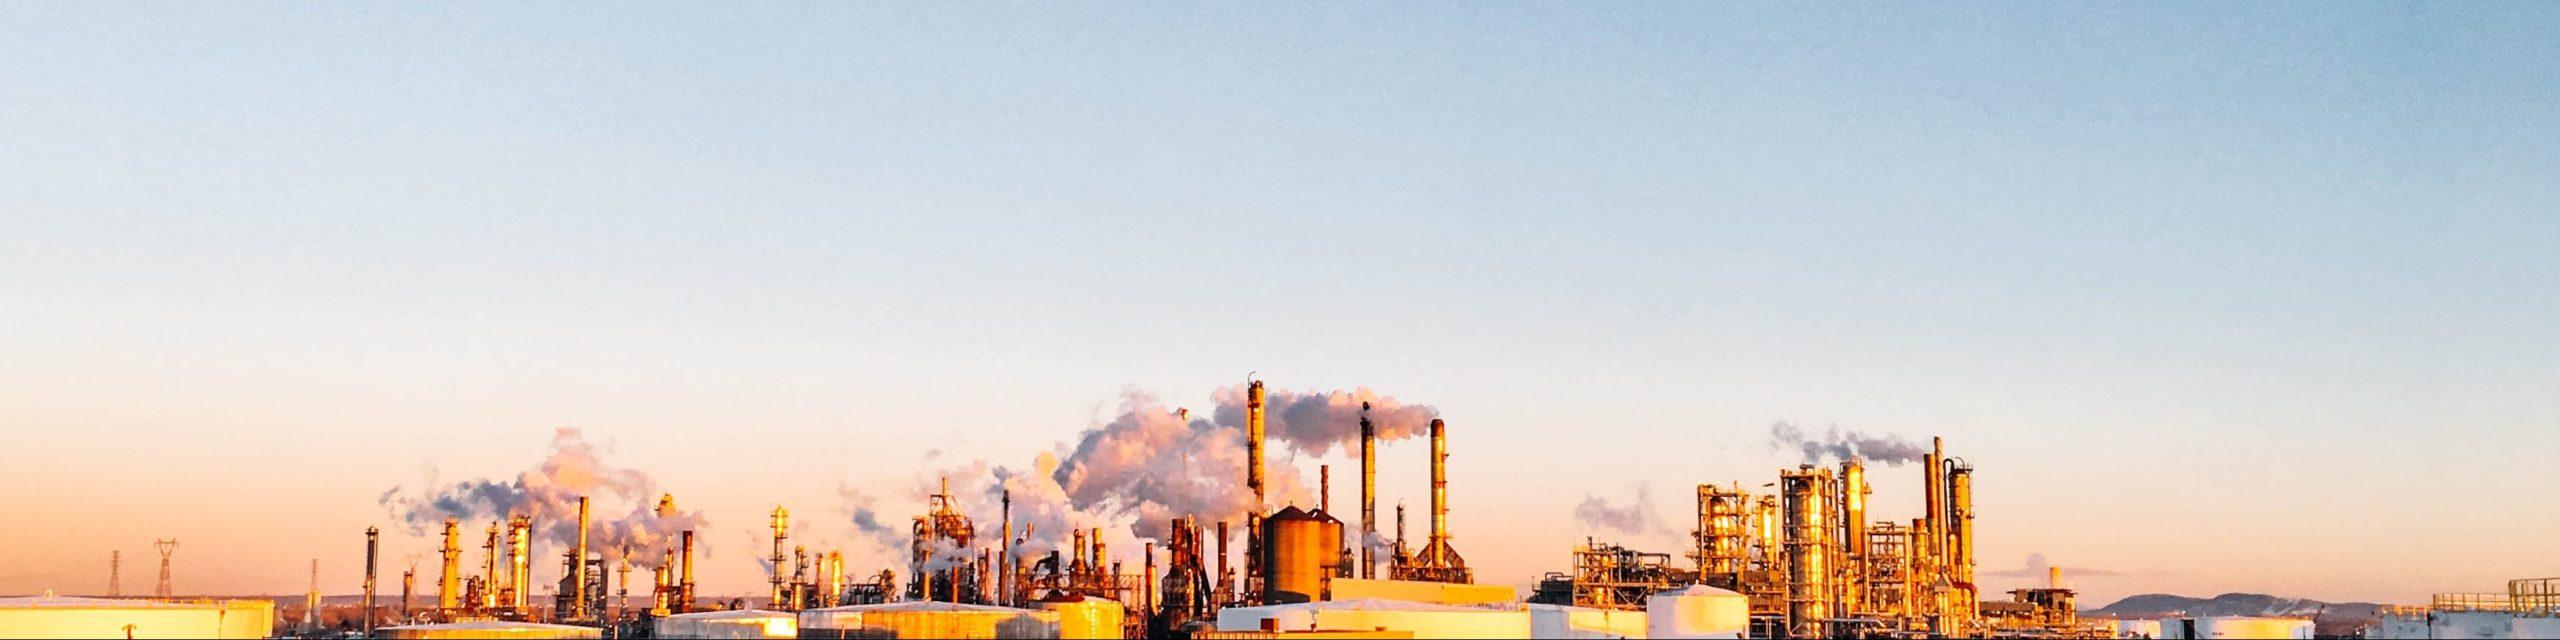 Activités pétrolières, stockage et distribution - France Organo Chimique